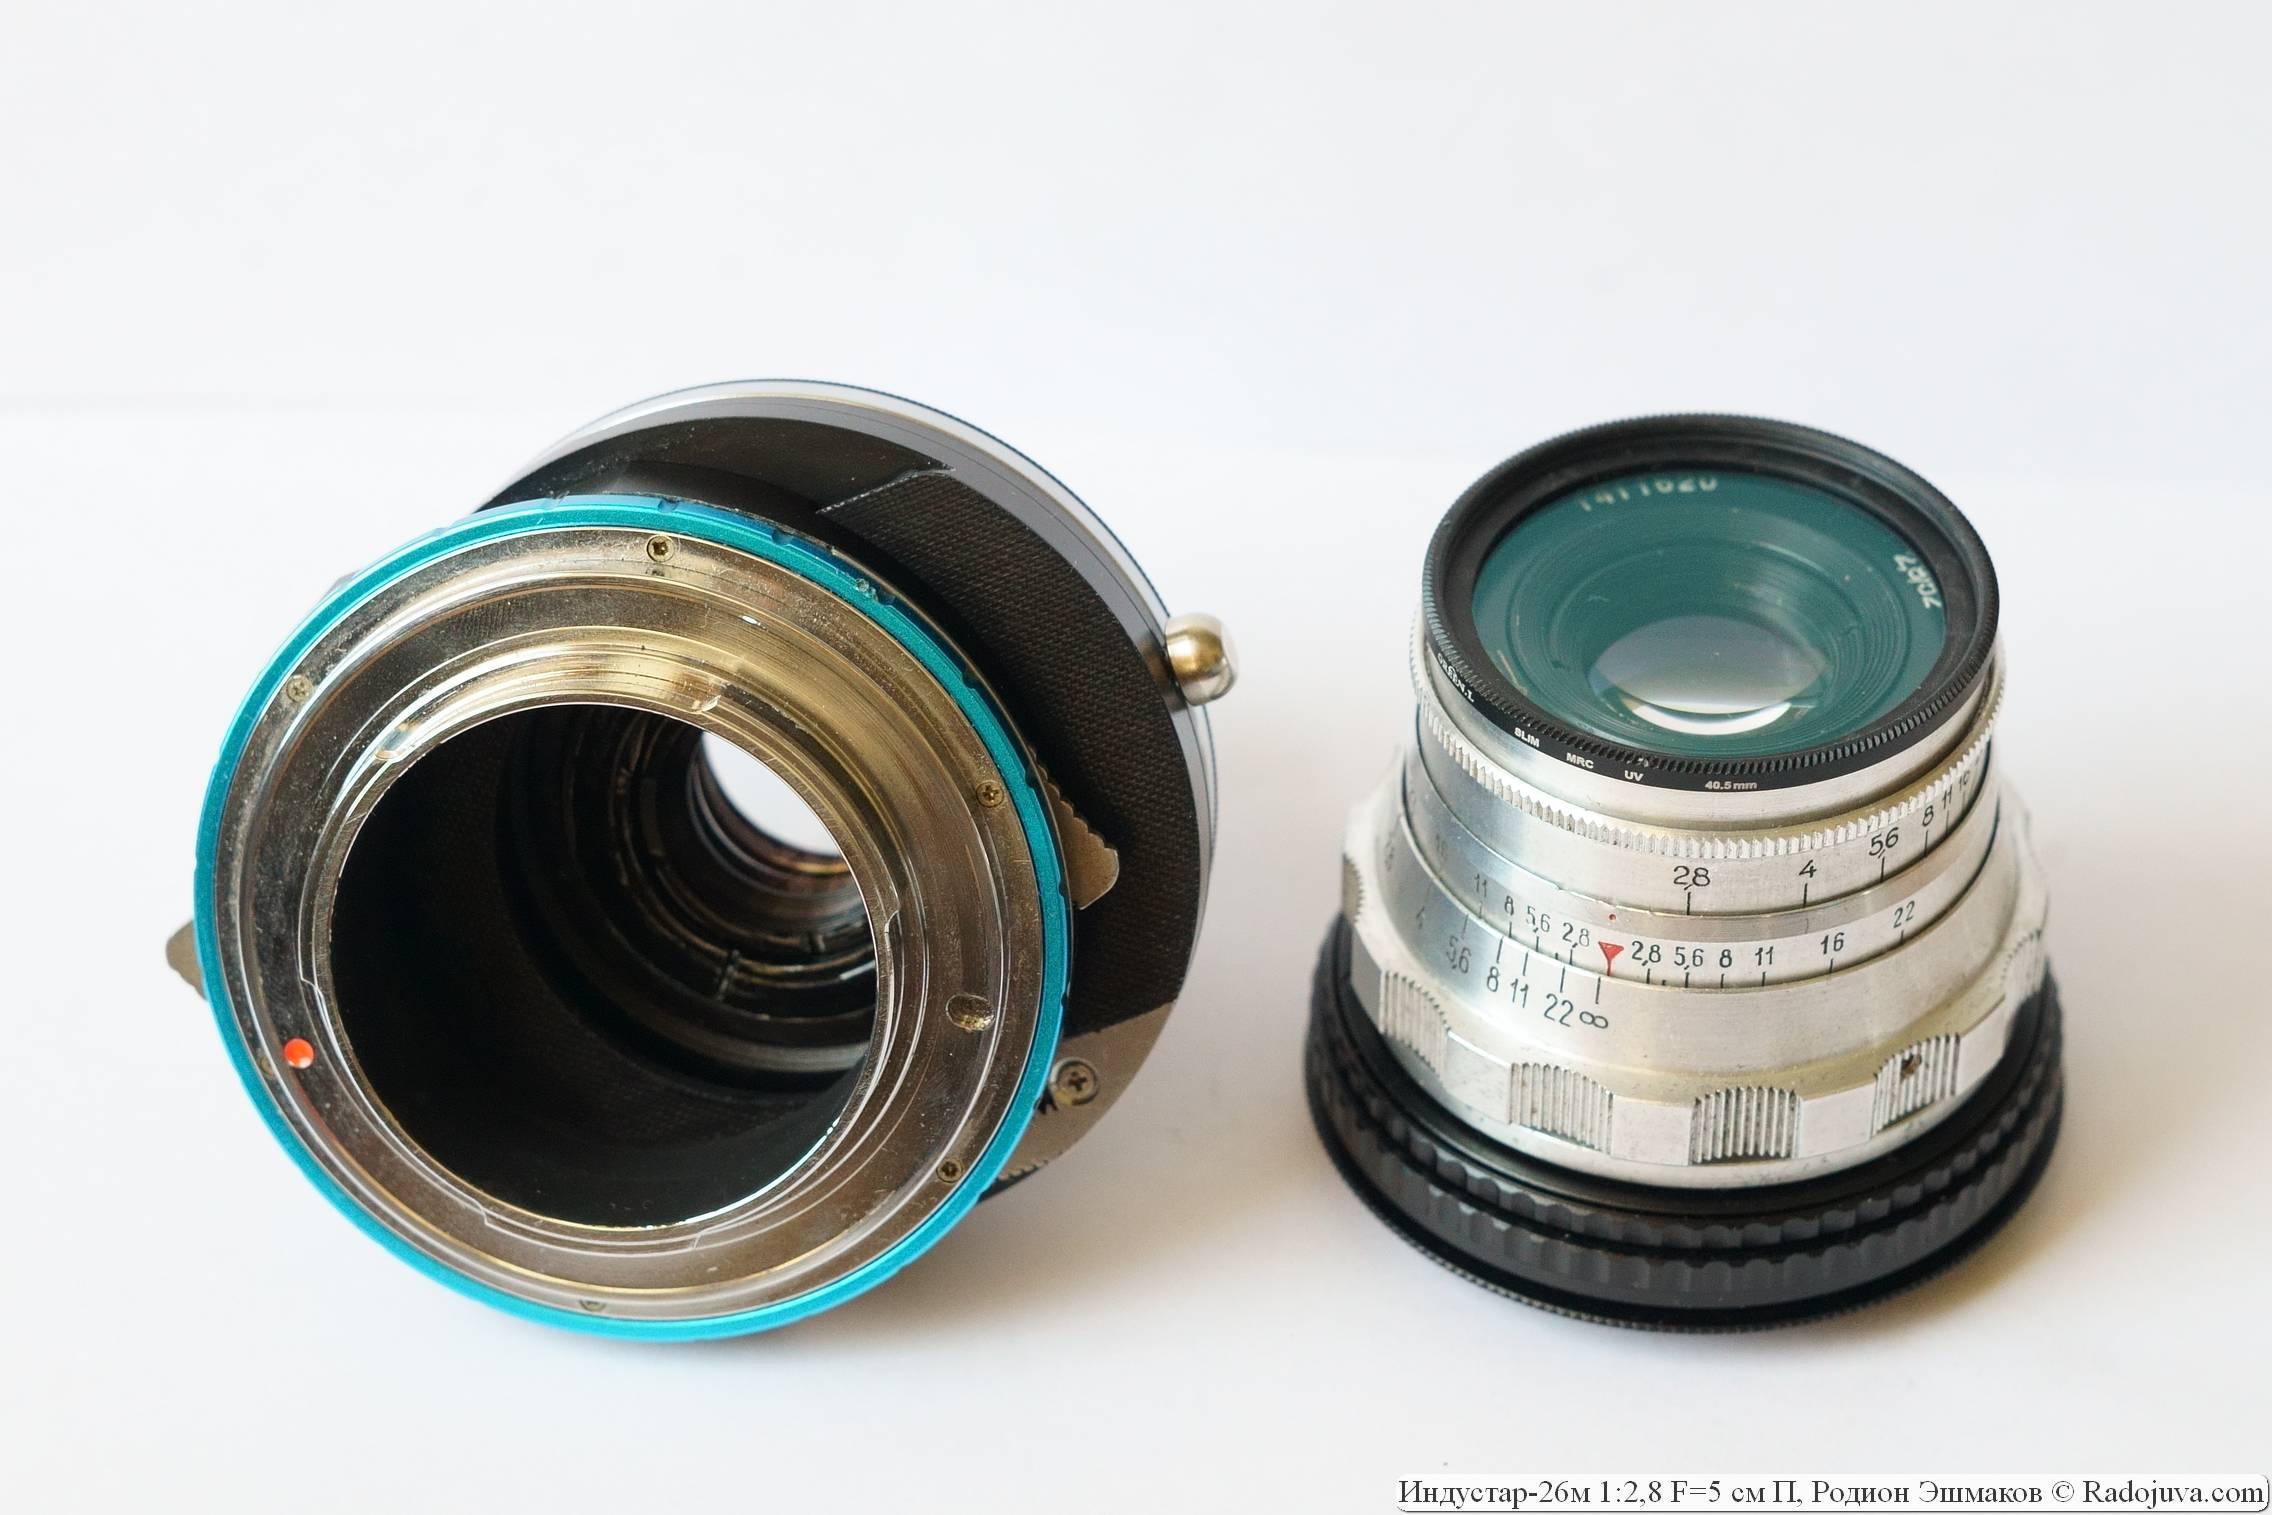 Индустар-26м, адаптированный для зеркальных камер (слева), с адаптером Fotodiox Shift EOS-NEX в положении максимального смещения оптической оси.